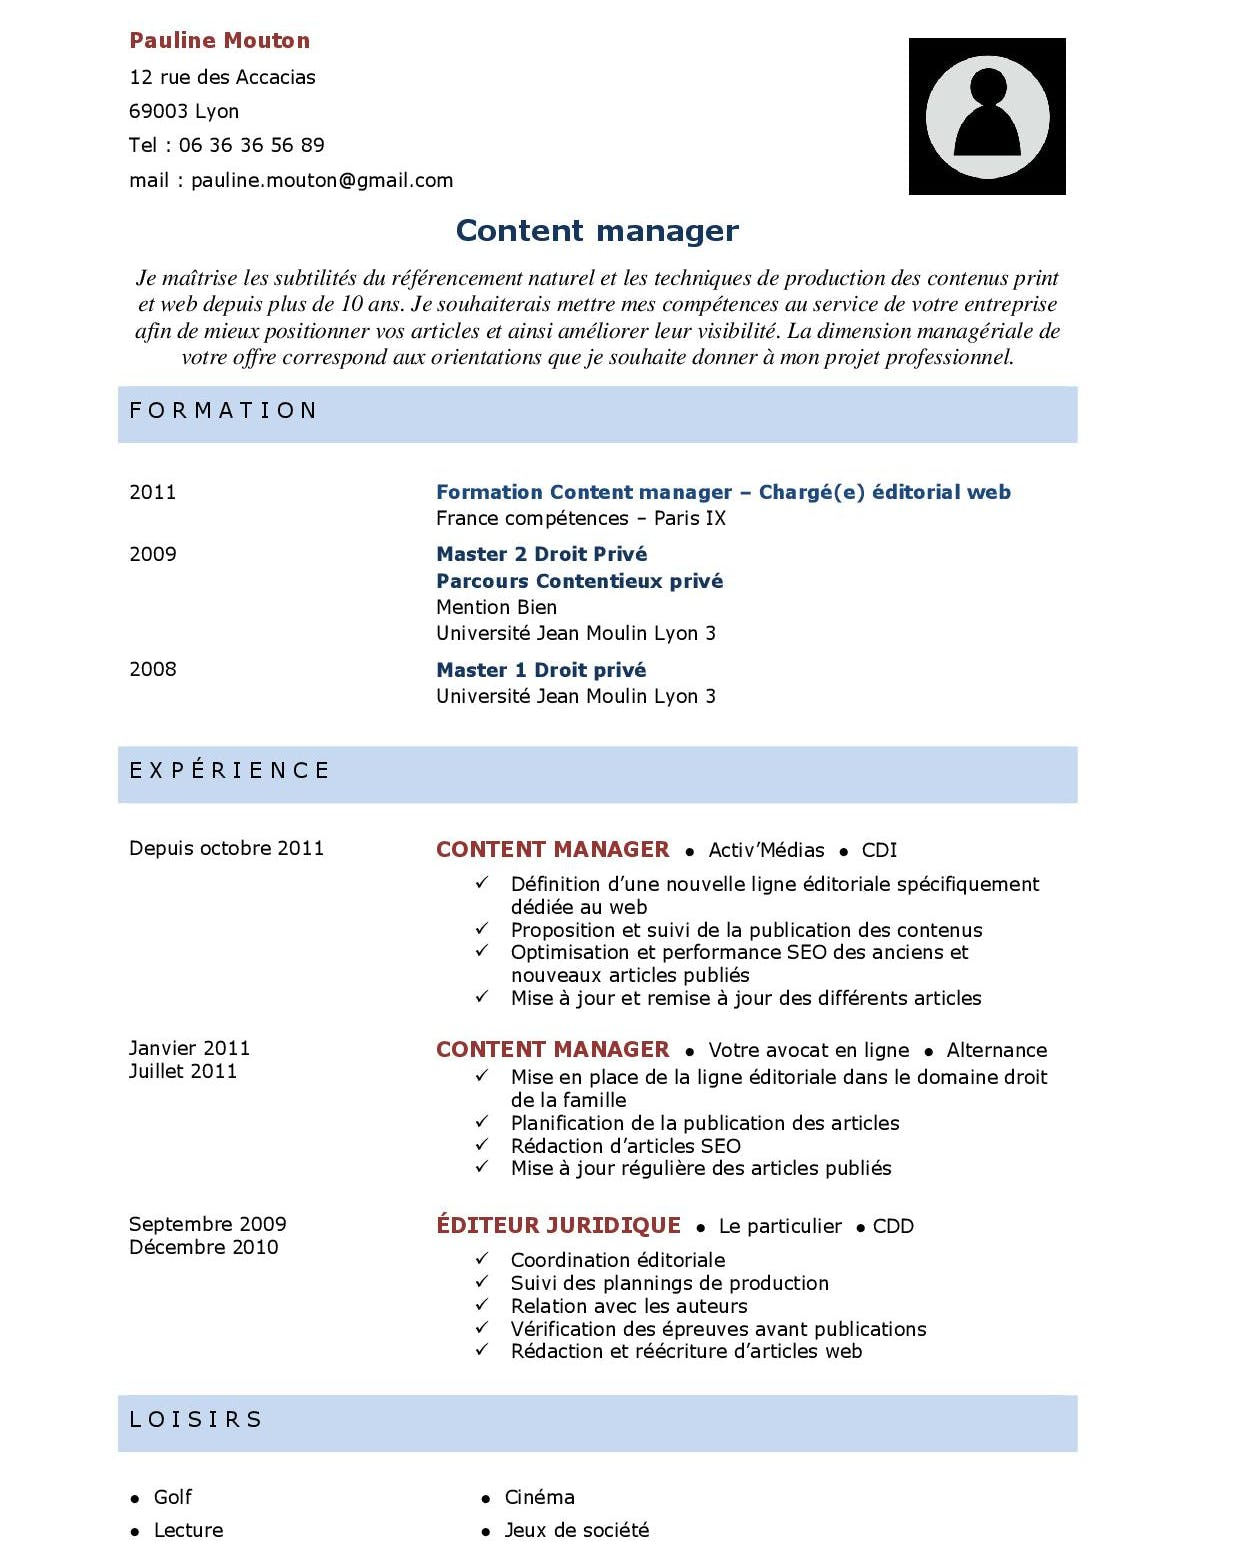 Mise en page CV avec titres des rubriques en majuscules